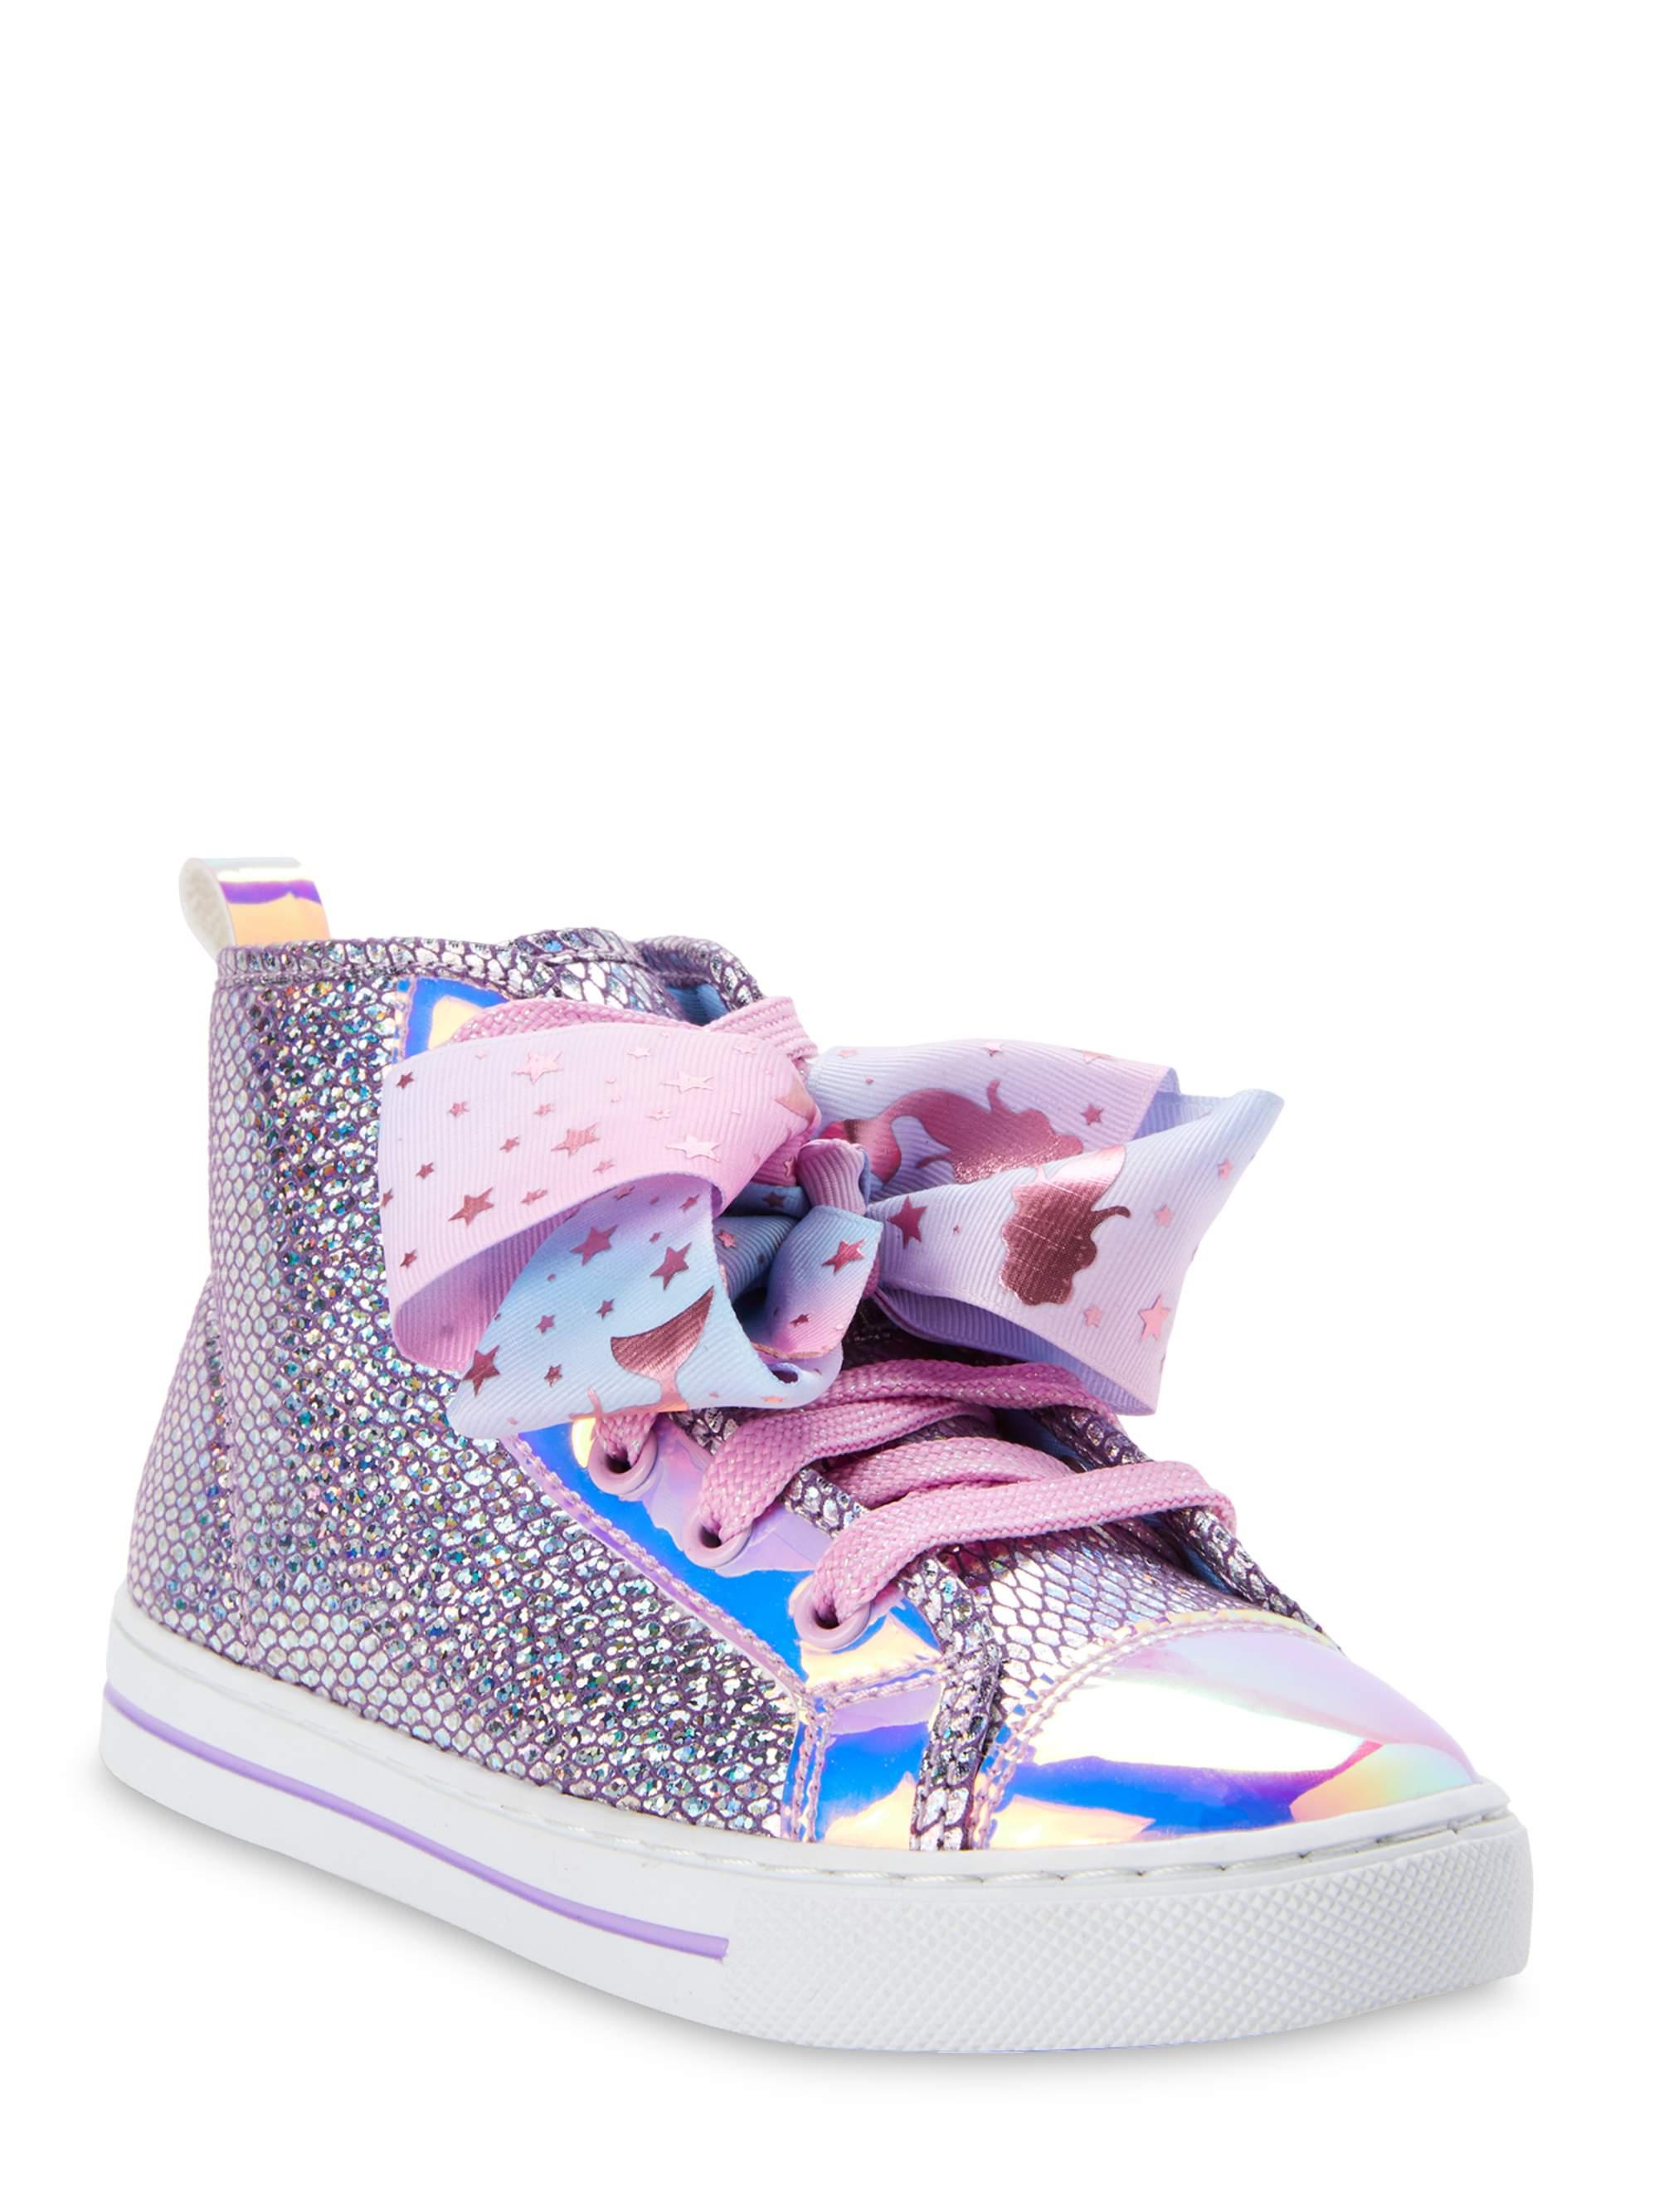 Nickelodeon Jojo Siwa Mermaid Scales High-Top Sneaker! .50 at Walmart!